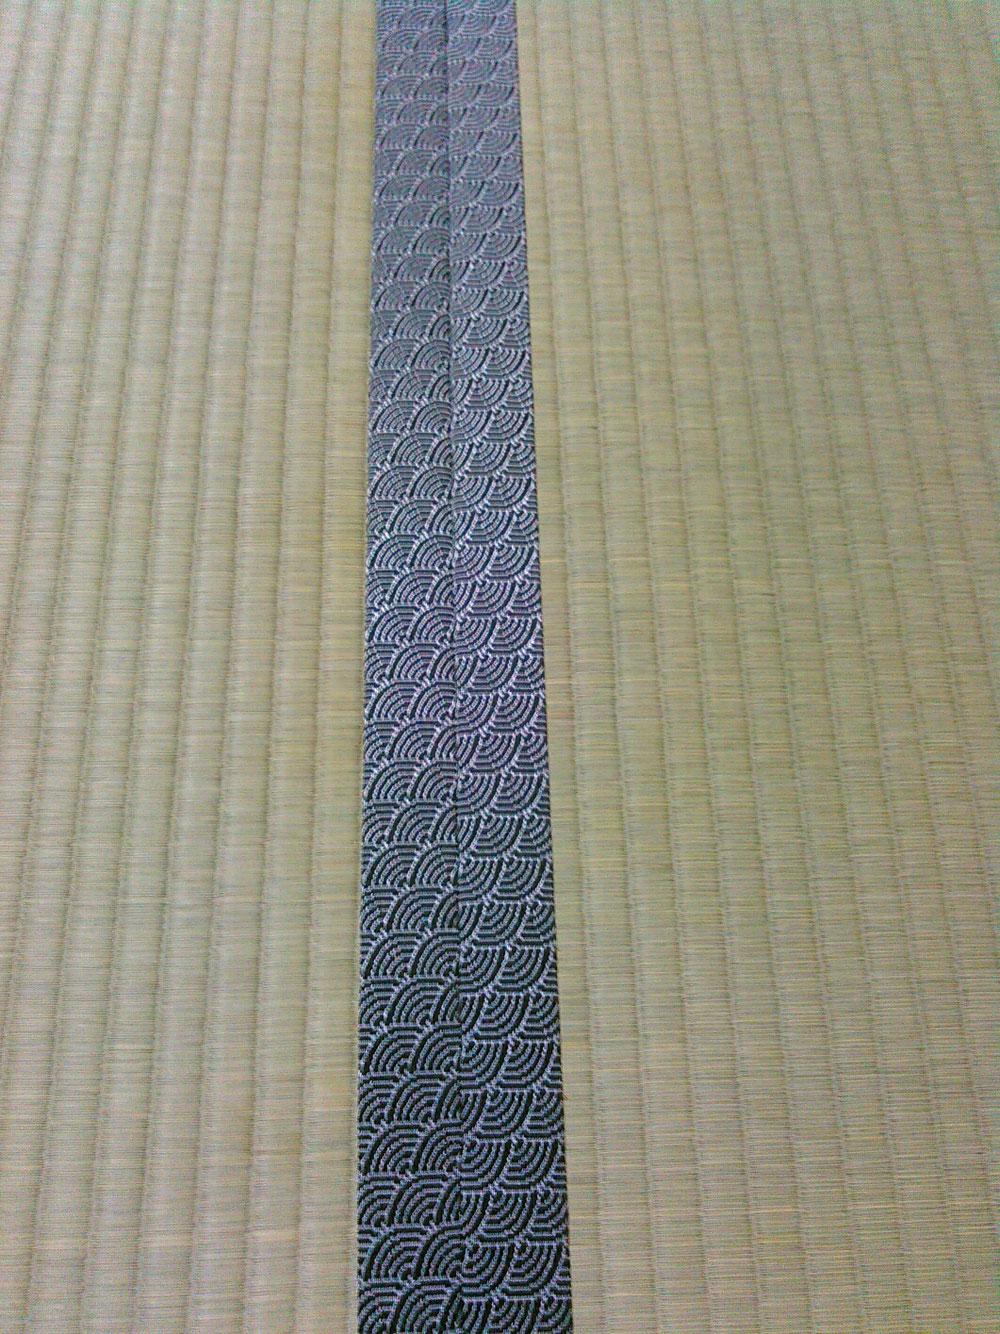 7月に発売になりました、八千代 青海波No41です。